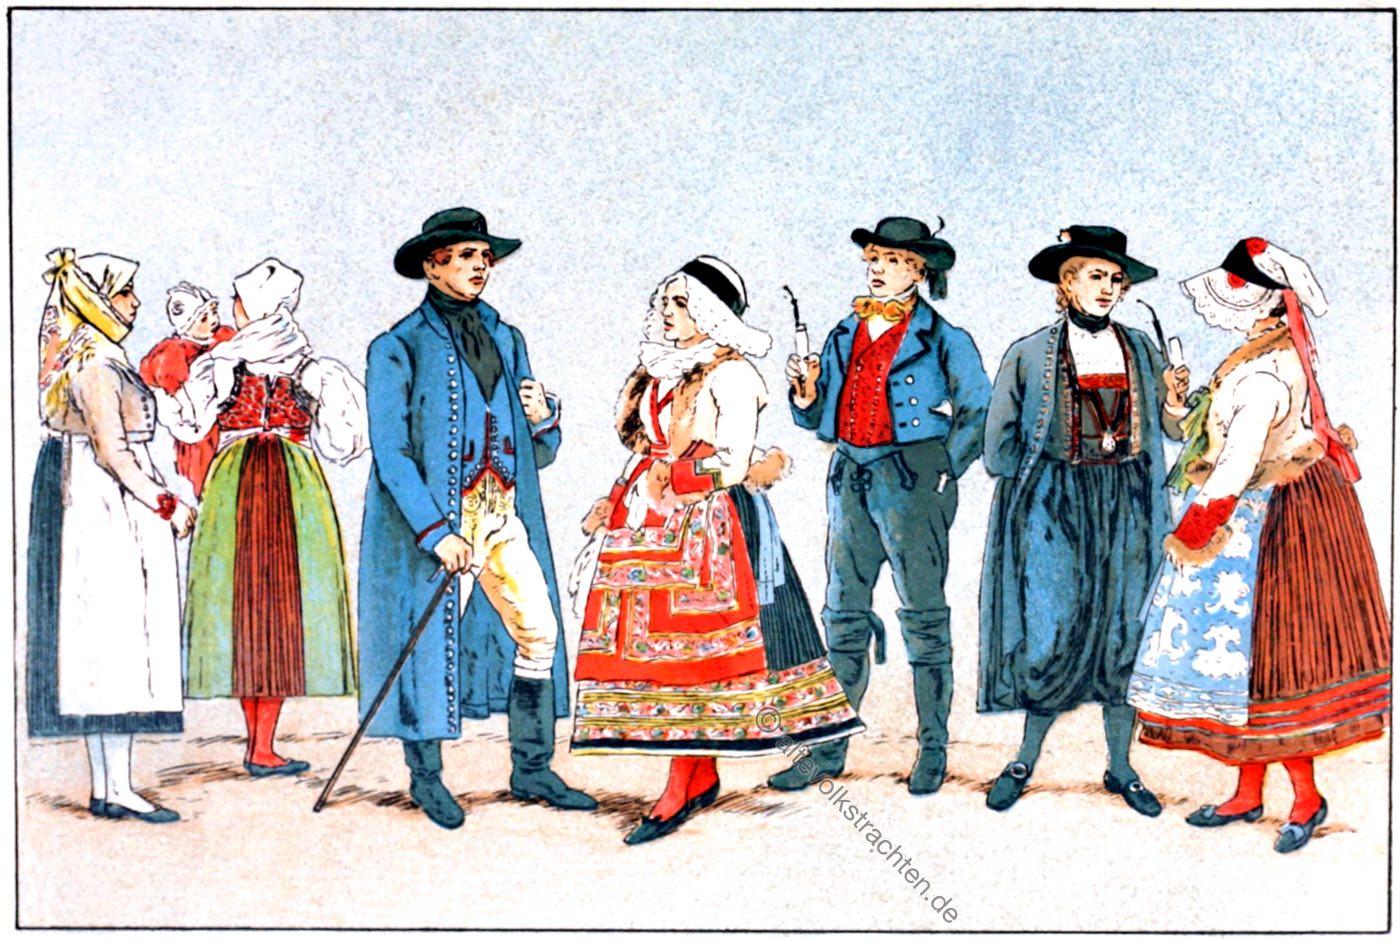 Volkstrachten, Trachten, Böhmen, Tschechien, Choden, Egerland, Pilsen, Adolf Rosenberg, Eduard Heyck